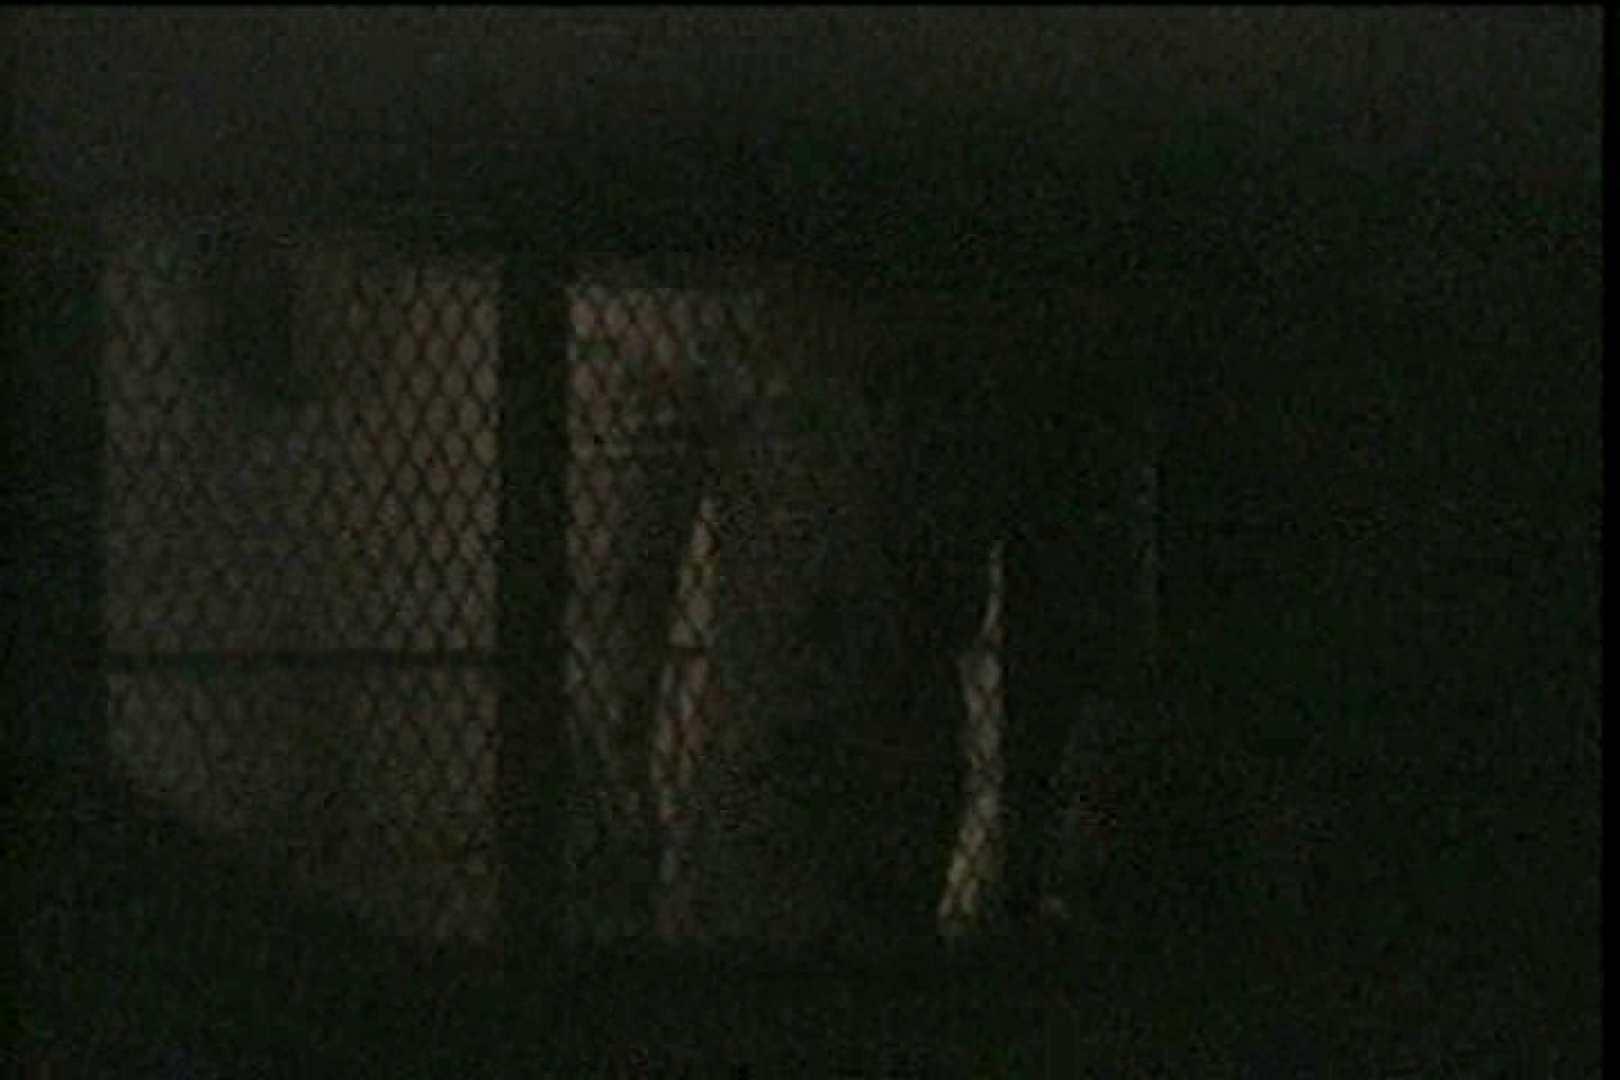 闇の仕掛け人 無修正版 Vol.19 OLエロ画像  102PICs 6